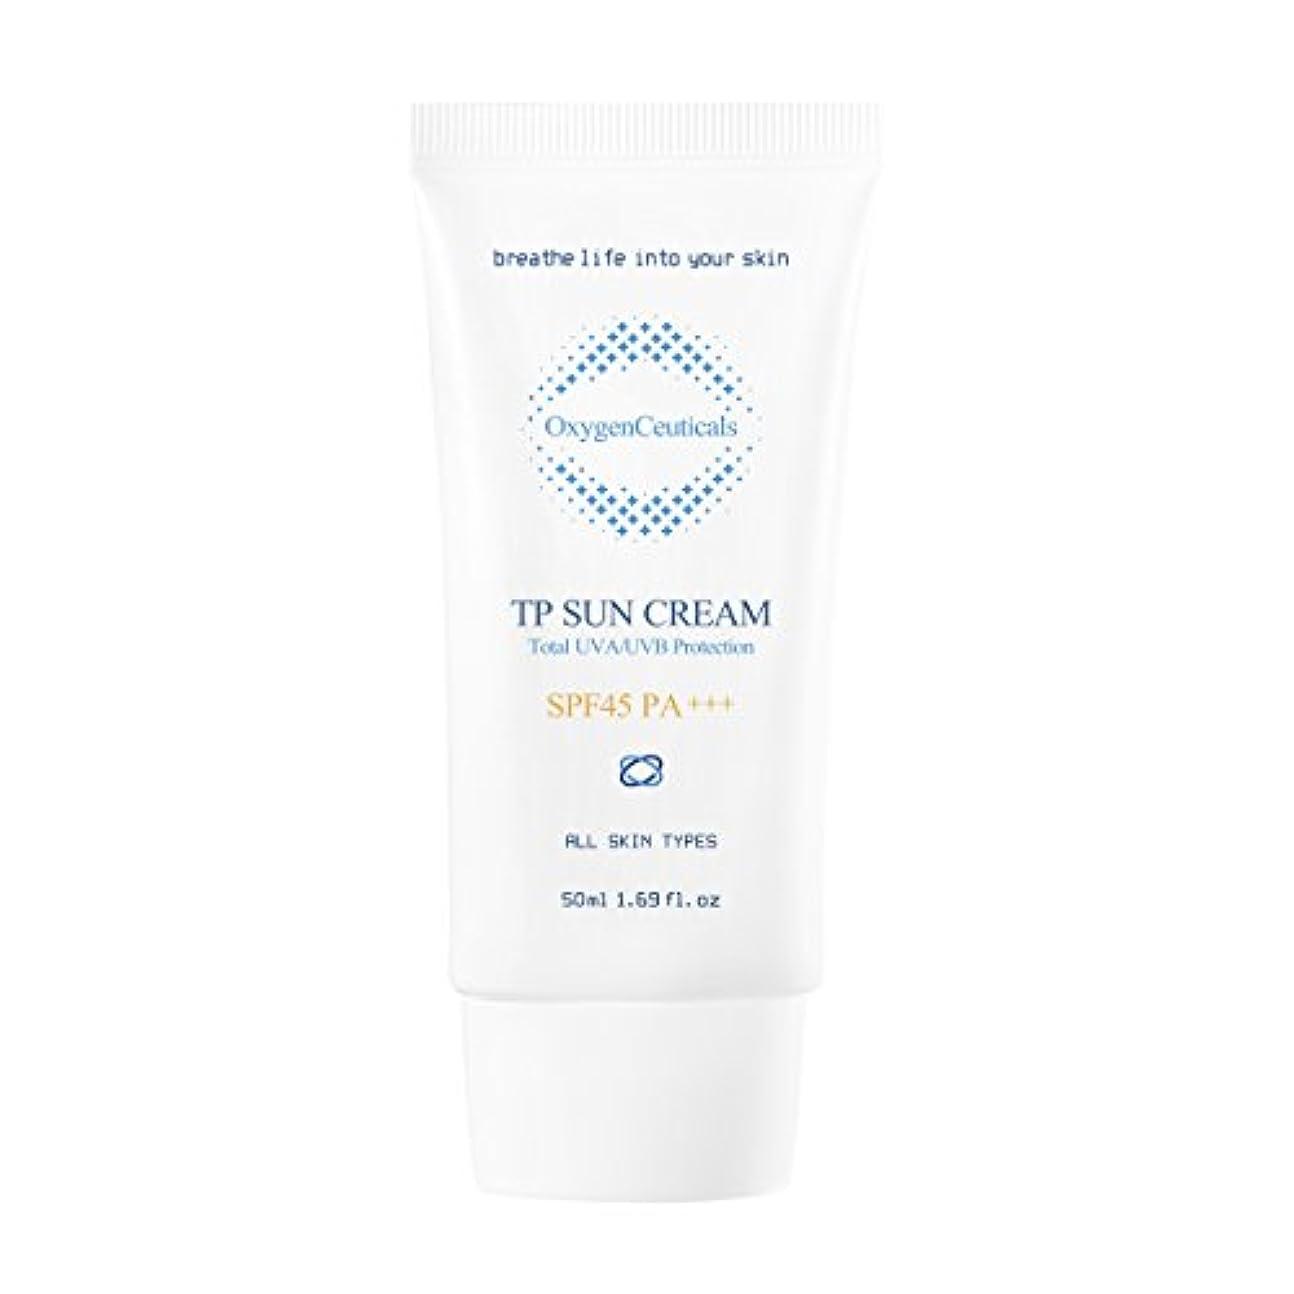 ボット形式ペンフレンドオキシジェンシューティカルズ 酸素サンクリーム(保湿日焼け止め) 50ml. TP Sun Cream 50ml. [SPF45 PA+++] X Mask Pack 1p.